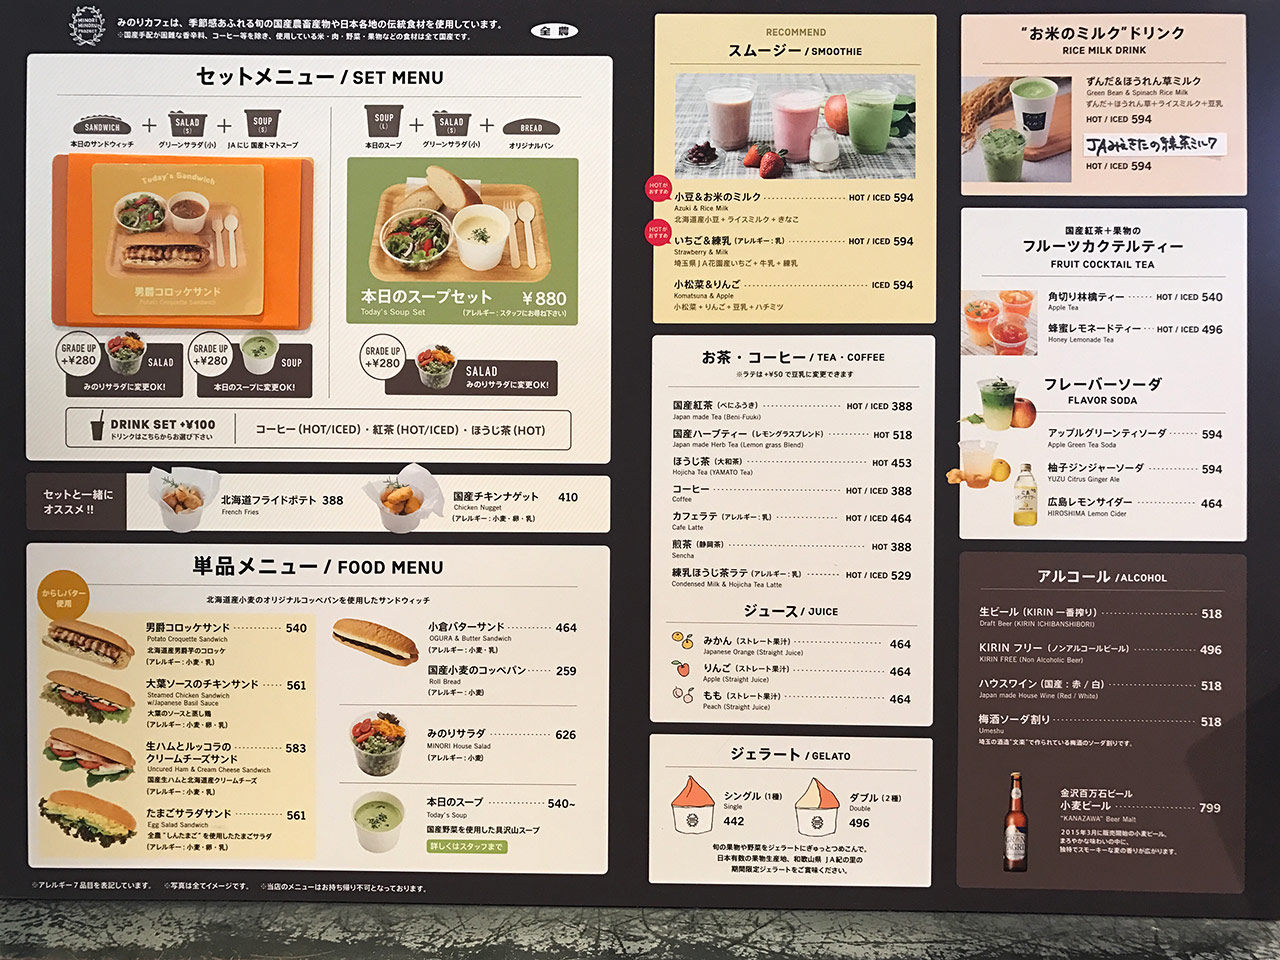 銀座三越「みのりカフェ」のメニュー全体